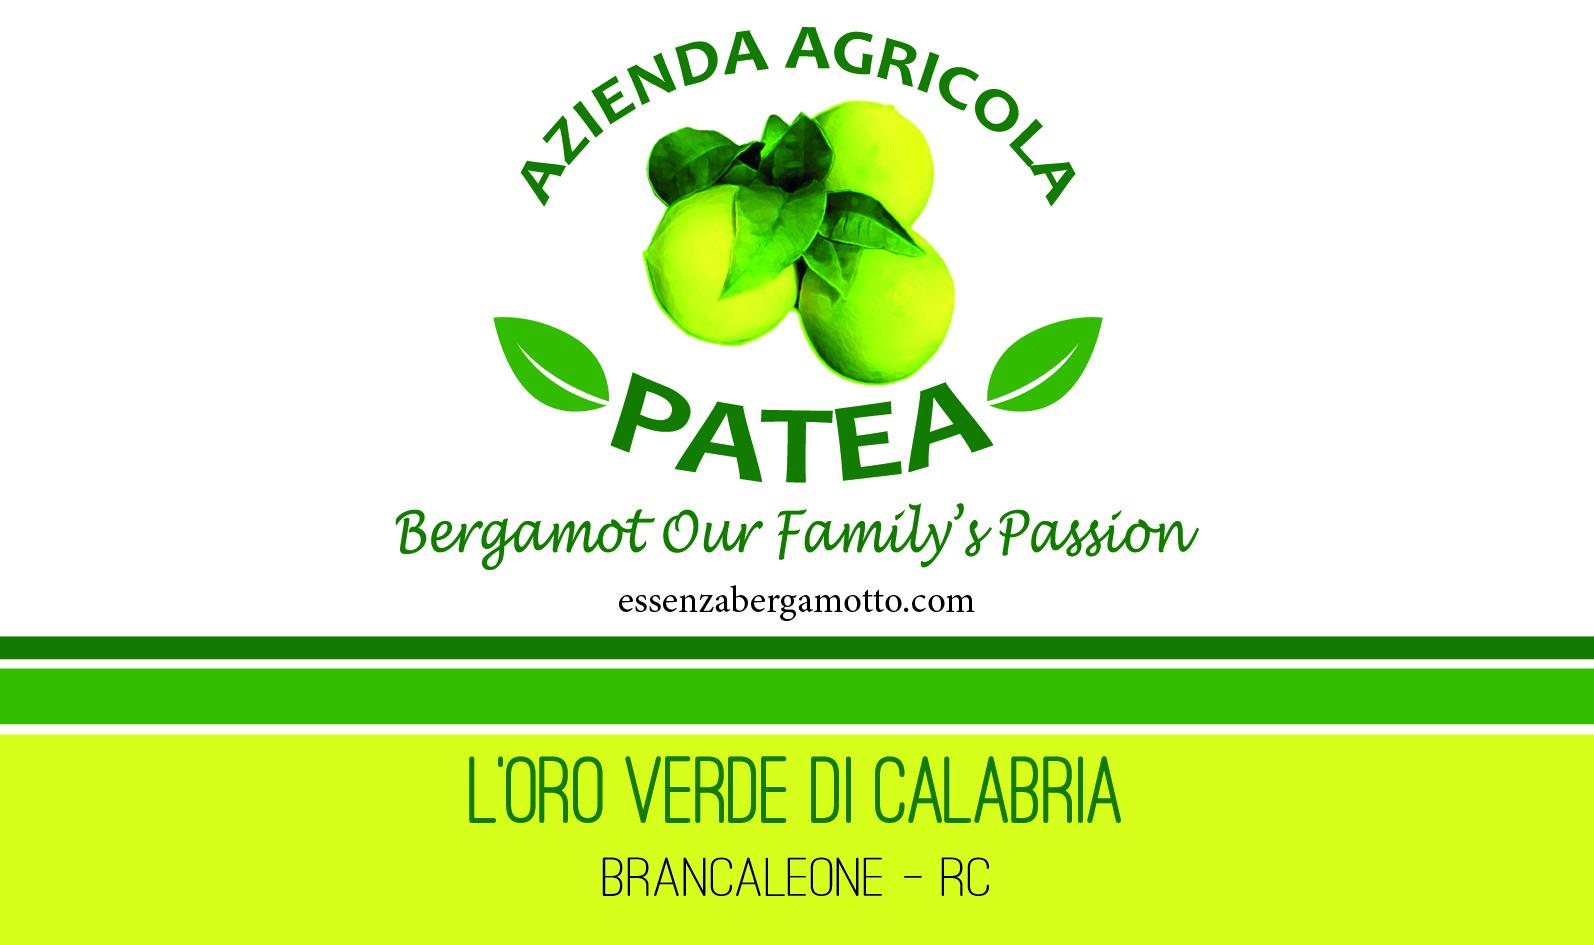 L'Azienda Agricola Patea e l'Oro Verde di Calabria, il bergamotto.